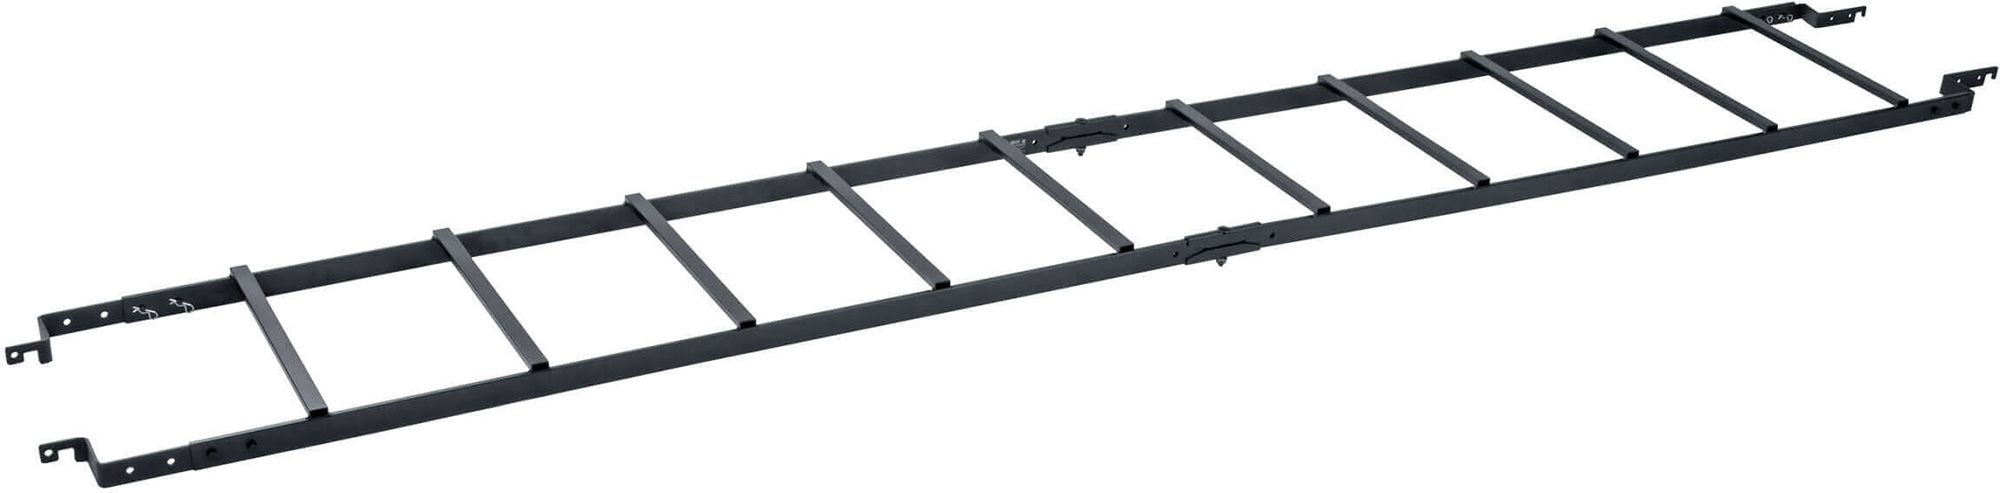 Tripp Lite SRCABLELADDER18 Rack Enclosure Server Cabinet Cable Ladder - 2 Sections - 10 x 1.5 Feet SRCABLELADDER18